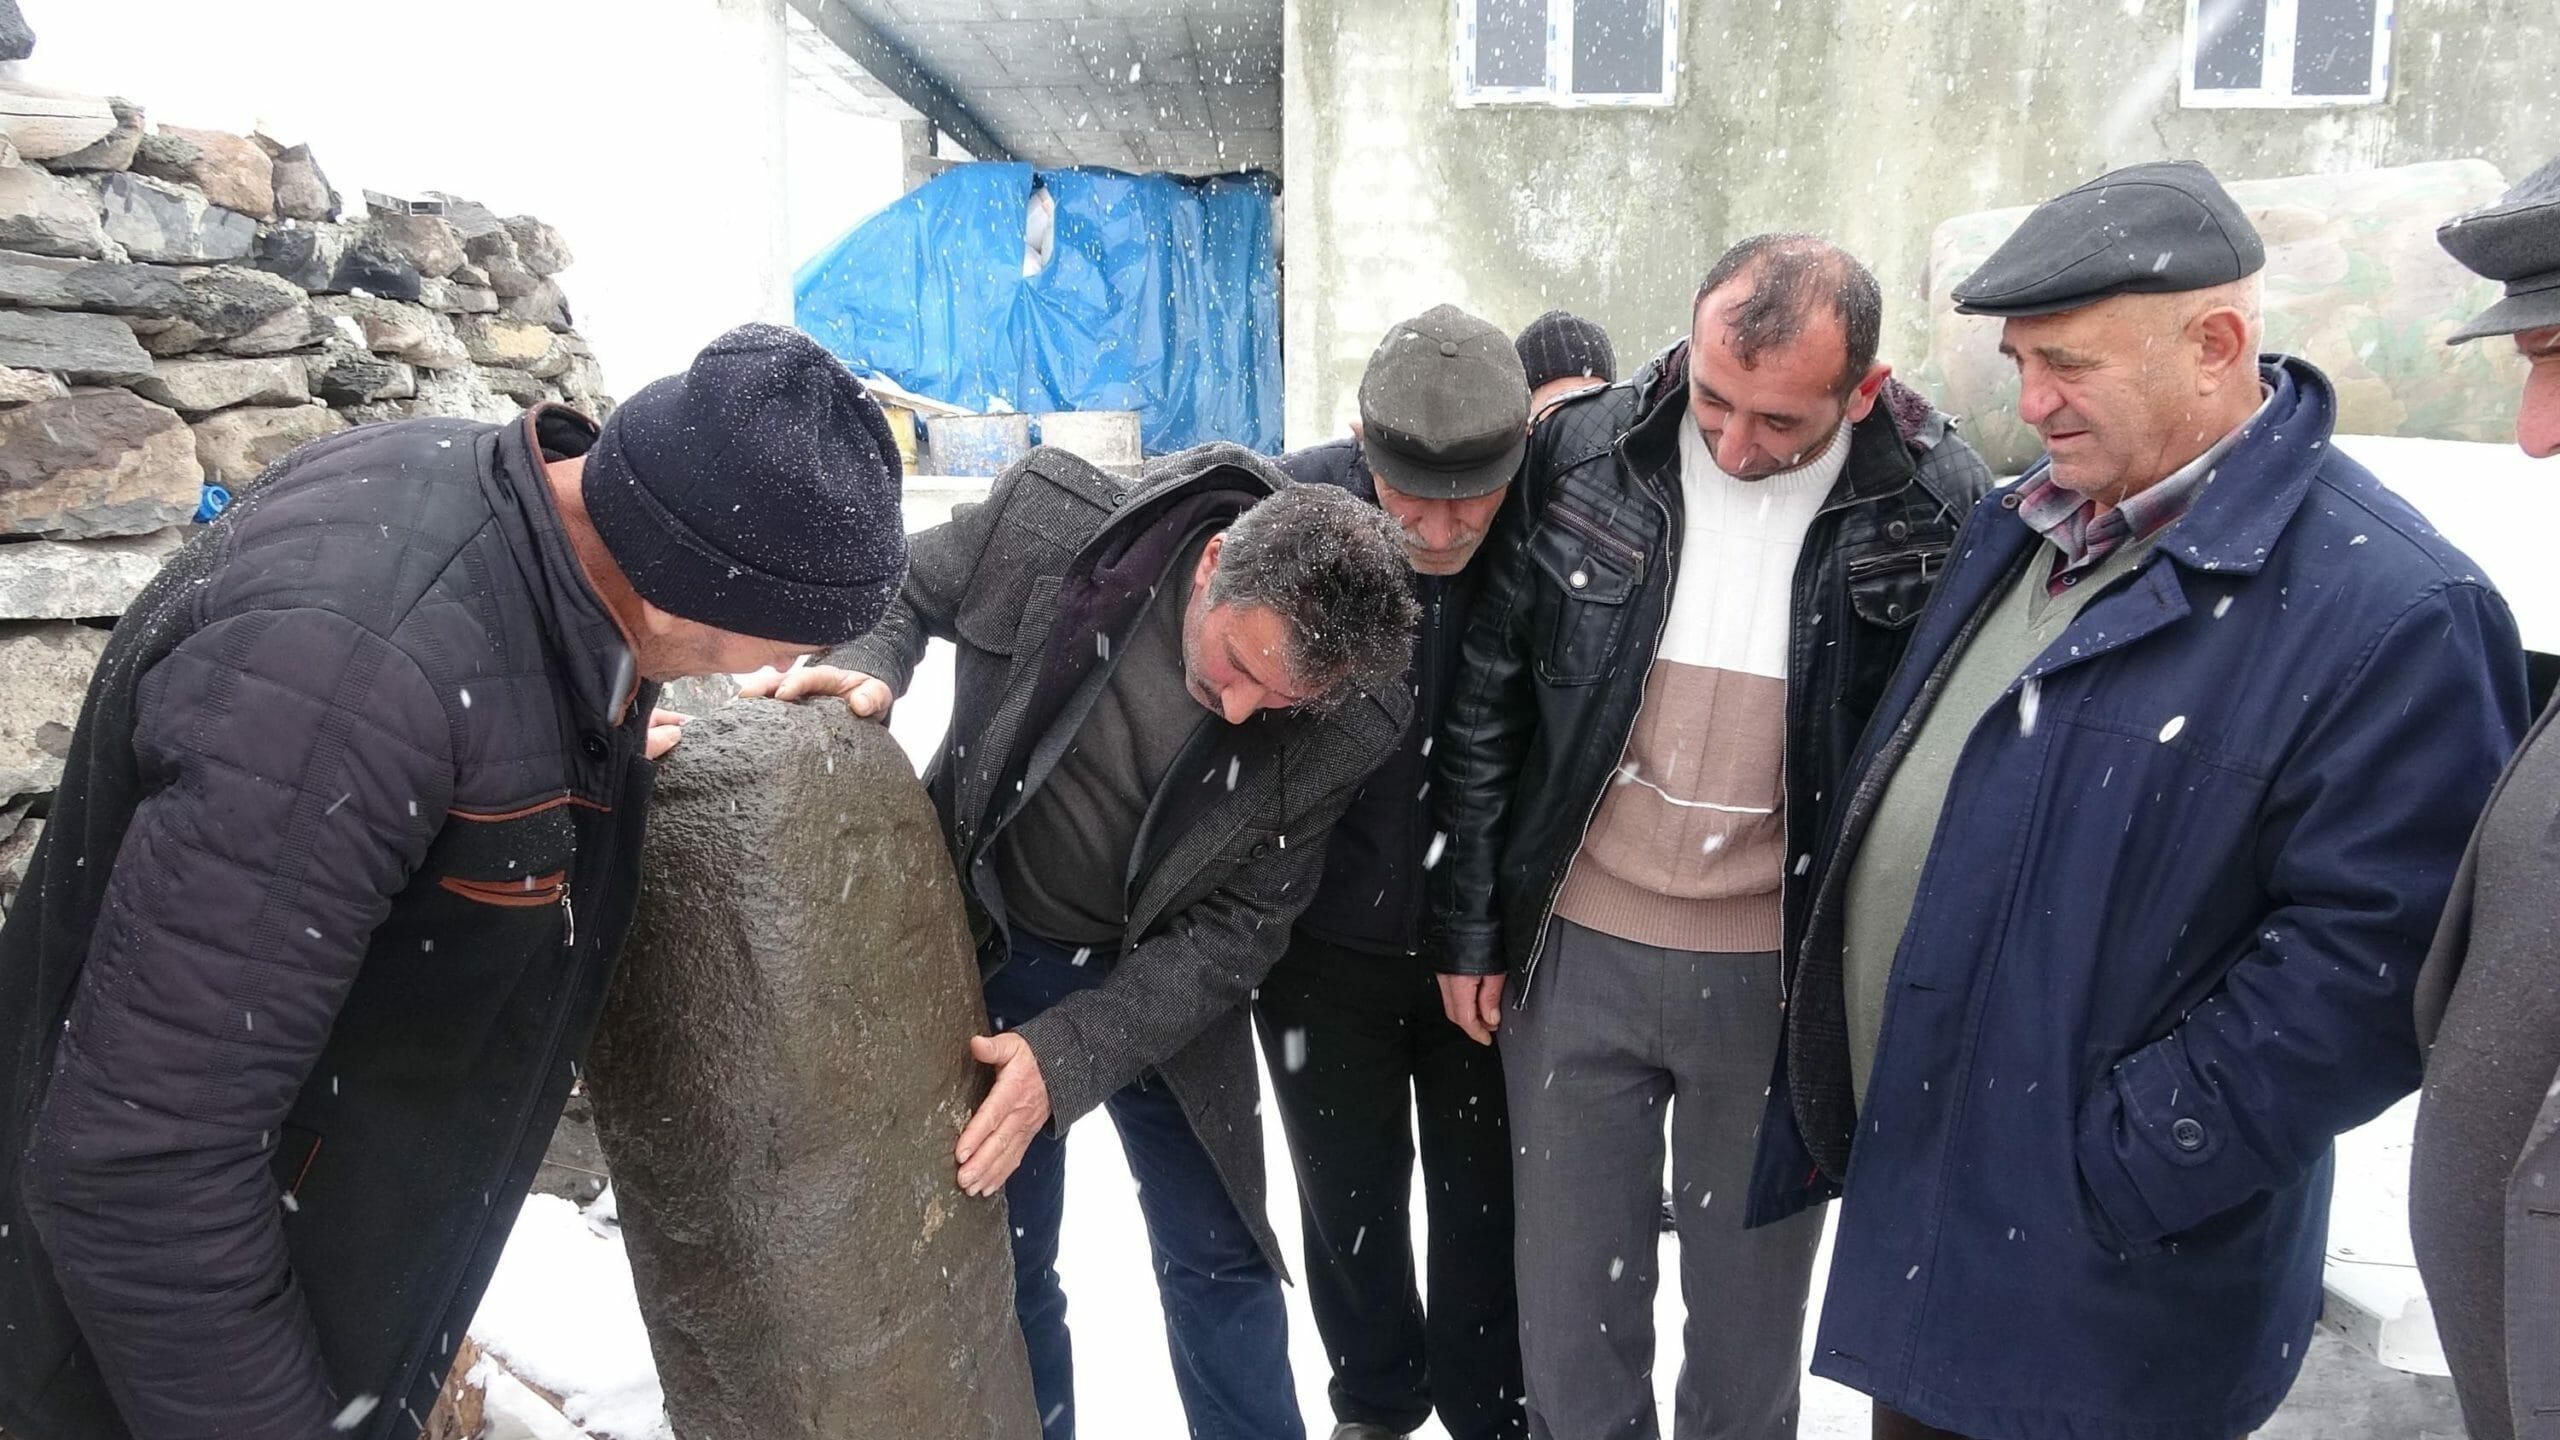 208c2243ba7049099dba4de029d8988a scaled - رجل تركي يعثر على تمثال يعود عمره ل 2500 عام بالصدفة